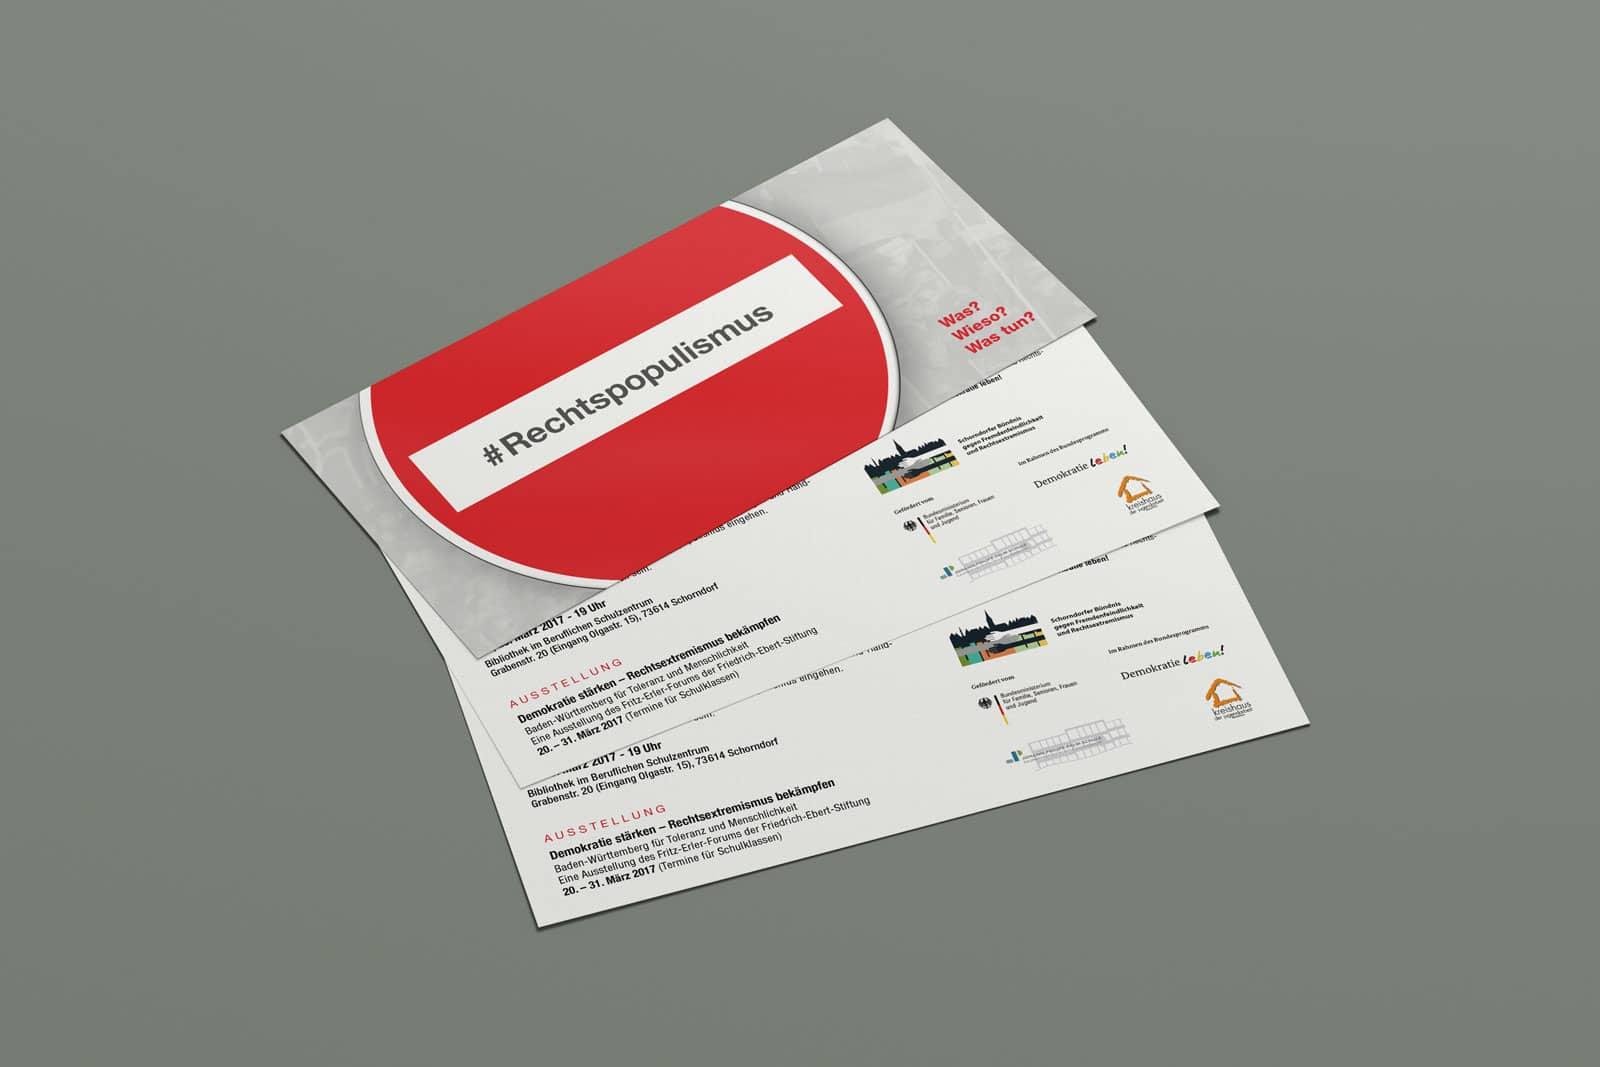 #Rechtspopulismus, Flyer, Werbemittel, Print, Printmedien, Ansicht 3